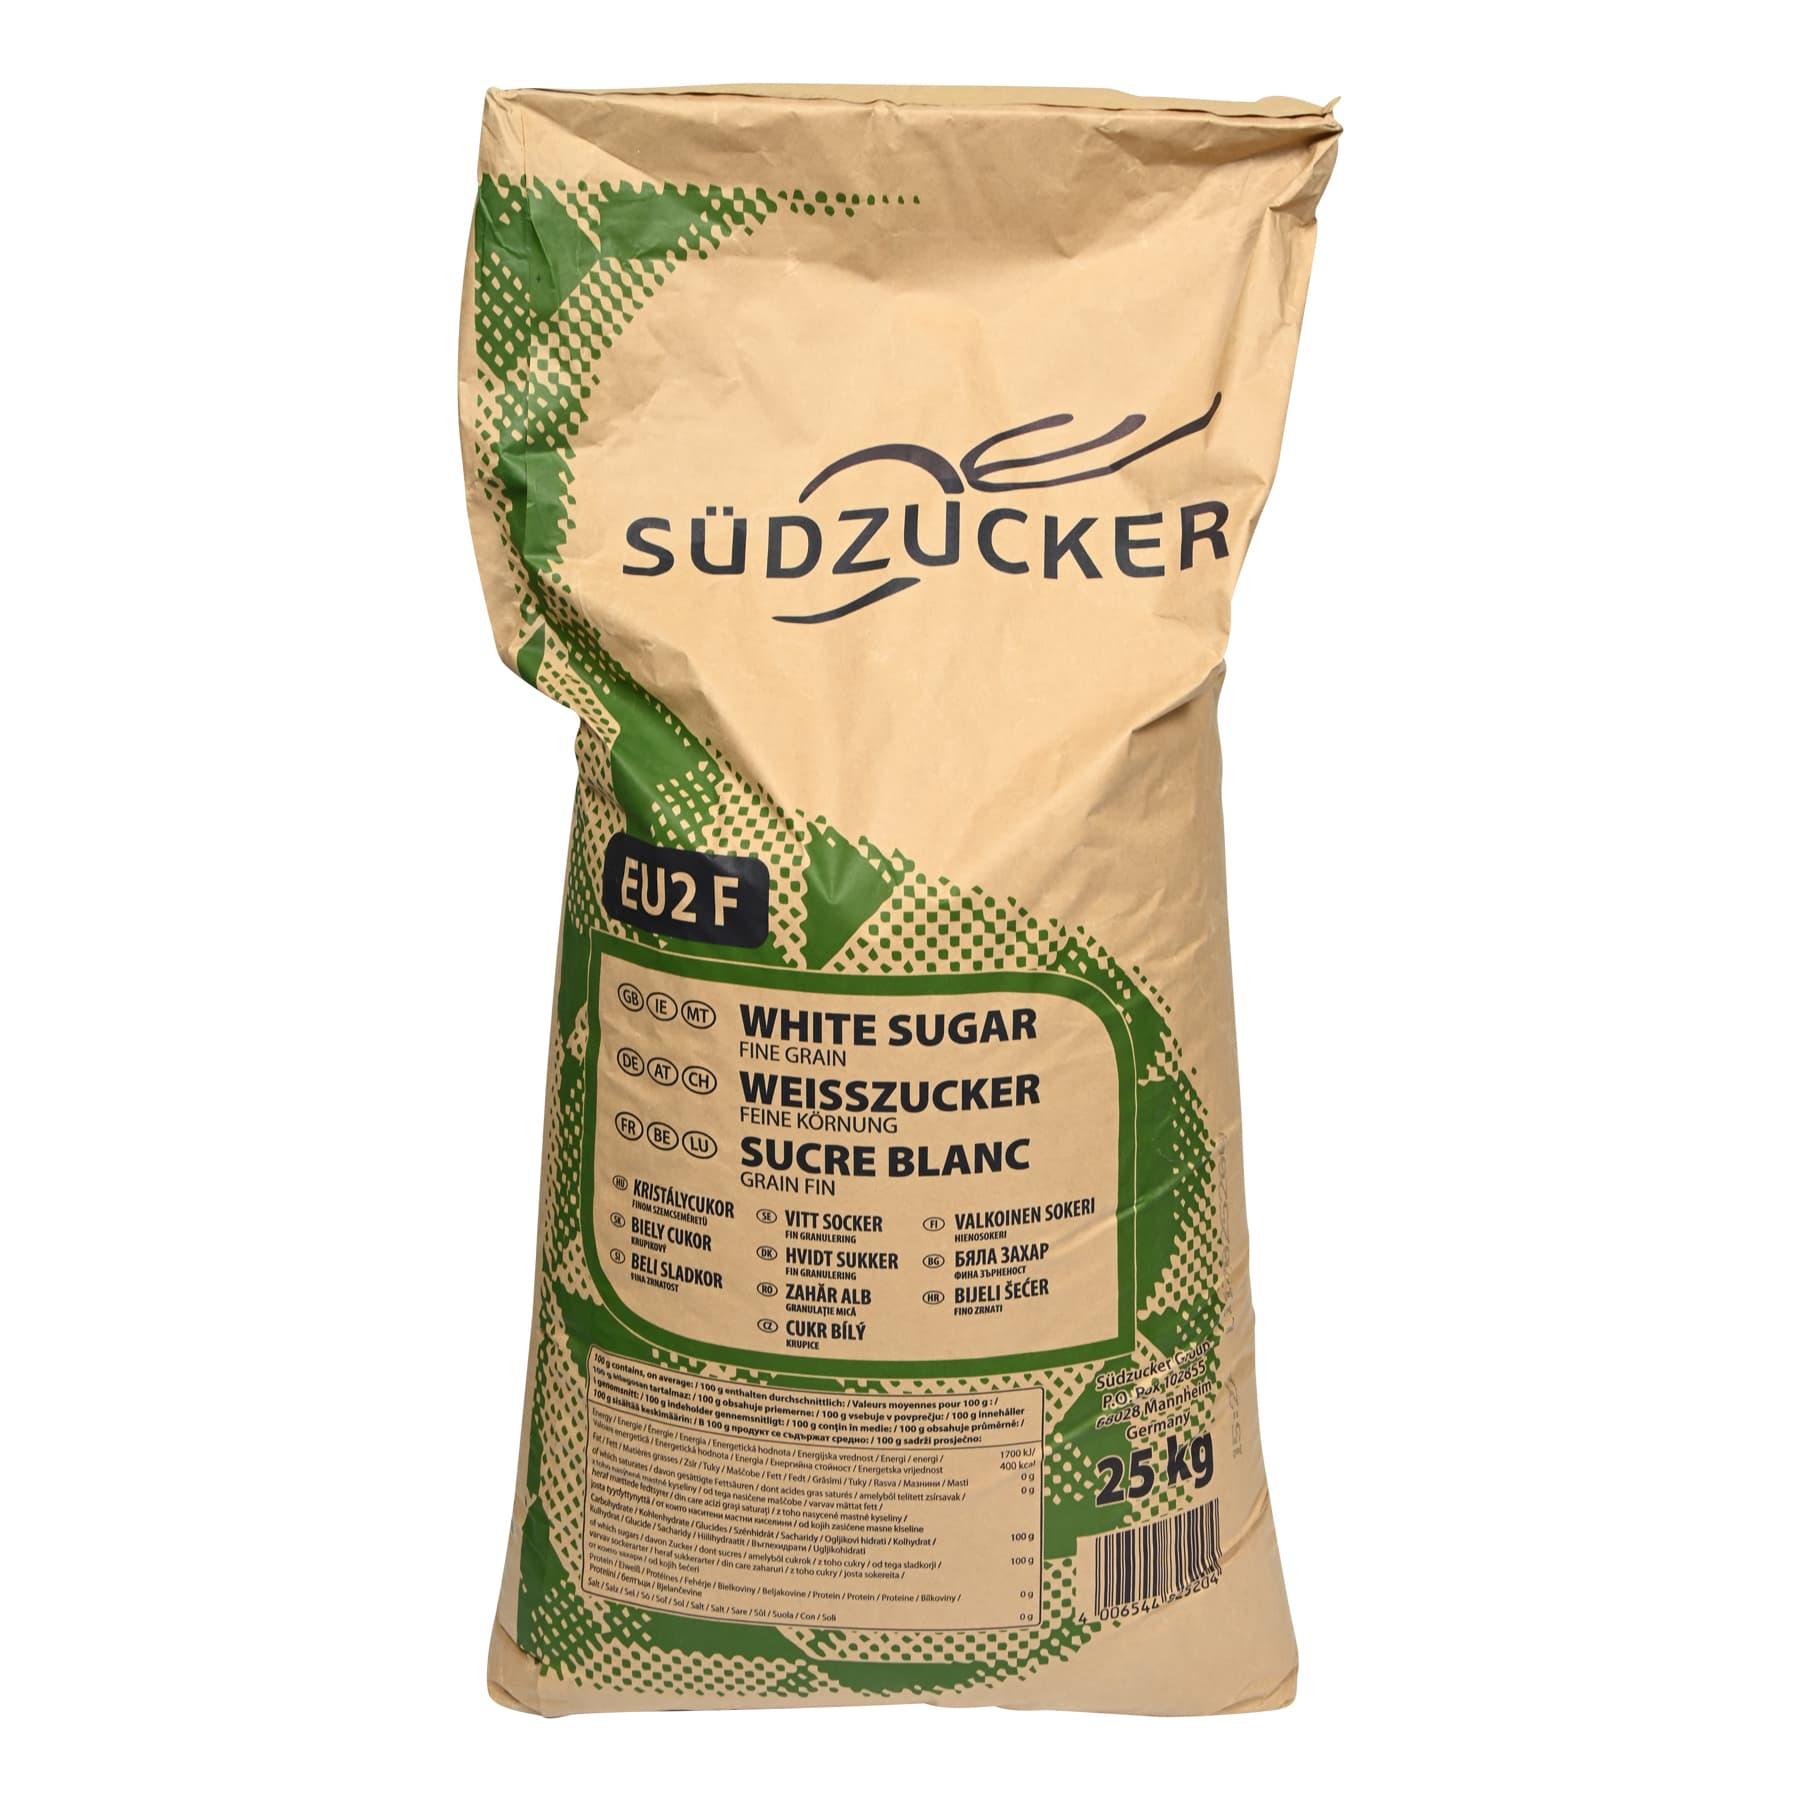 40 Säcke a 25 kg Kristallzucker (Lebensmittel auch für den menschlichen Verzehr)  = 1000 kg frei Haus innerhalb Deutschlands geliefert,